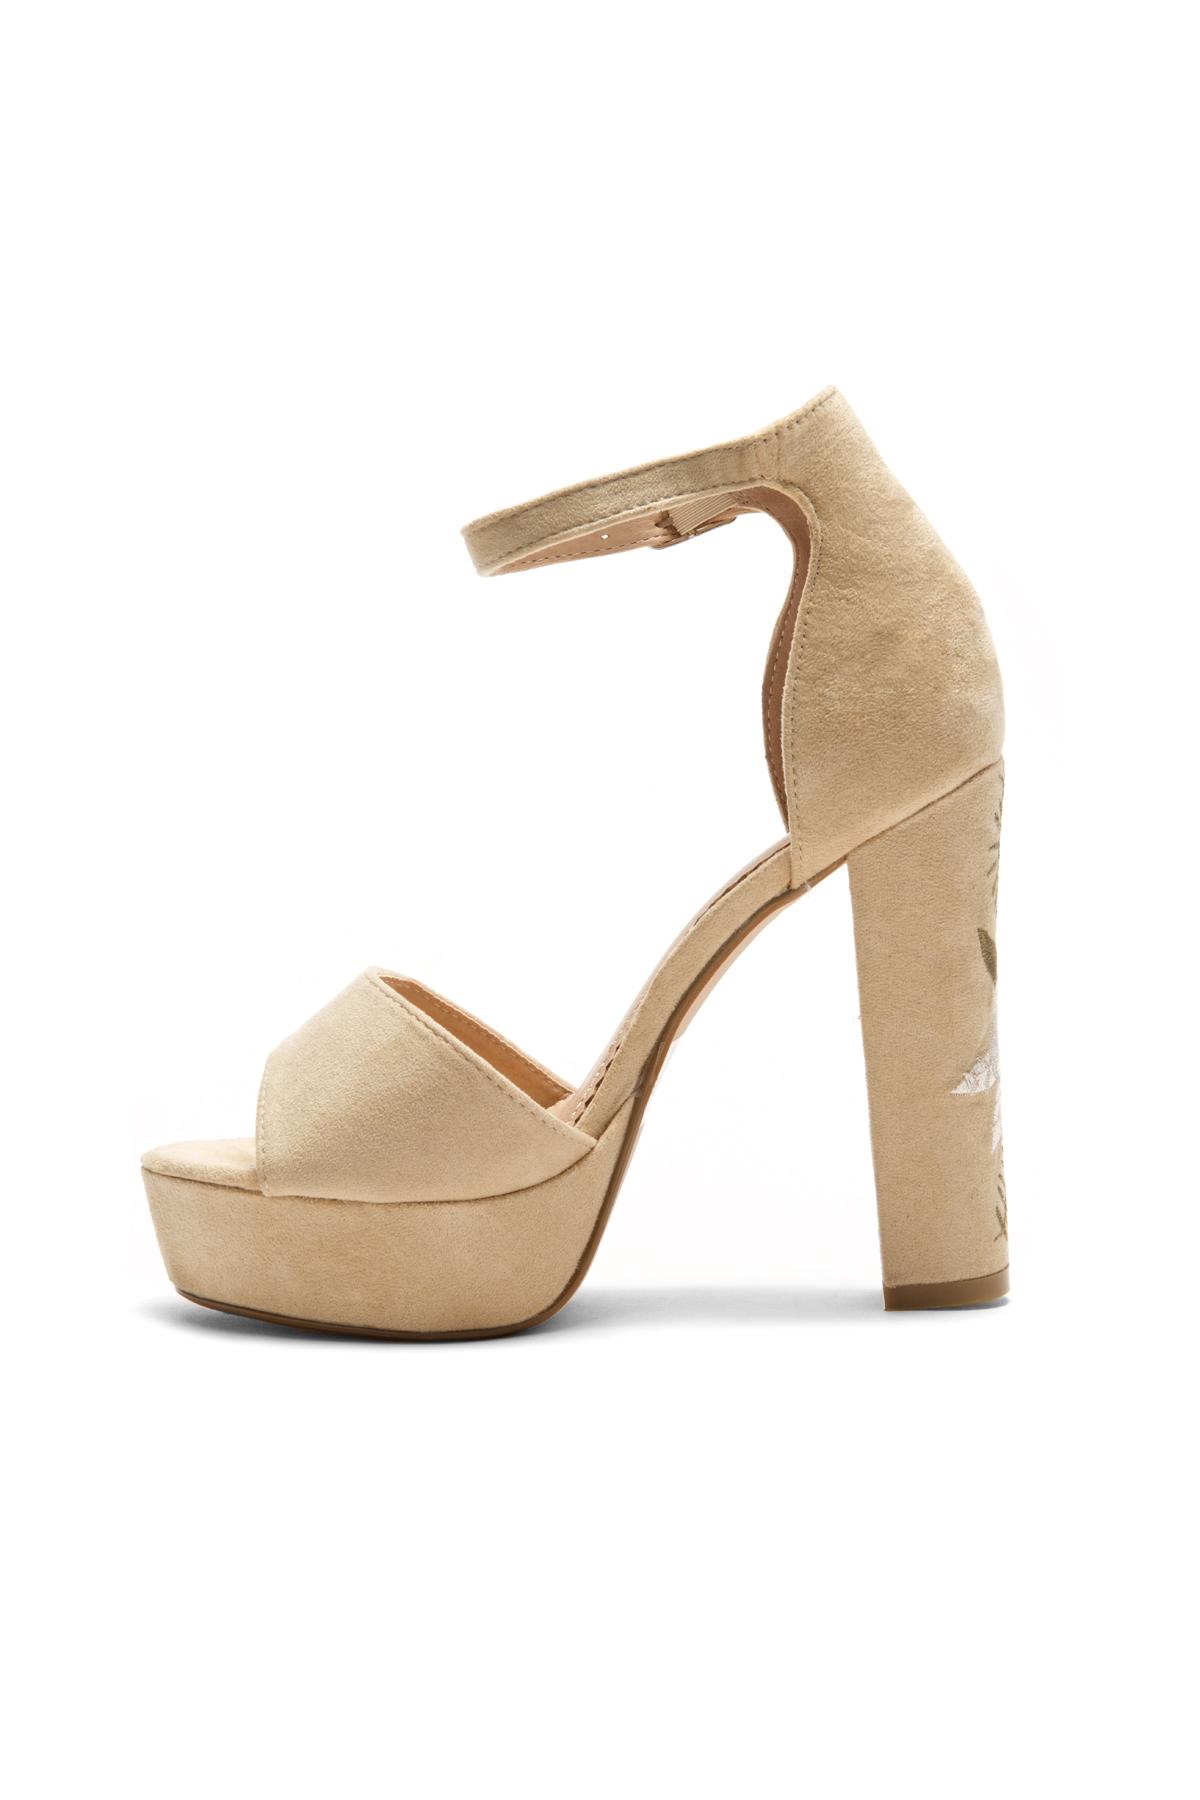 HerStyle Ellisse Faux Suede Floral Embroidered Platform Heel (Camel) ...